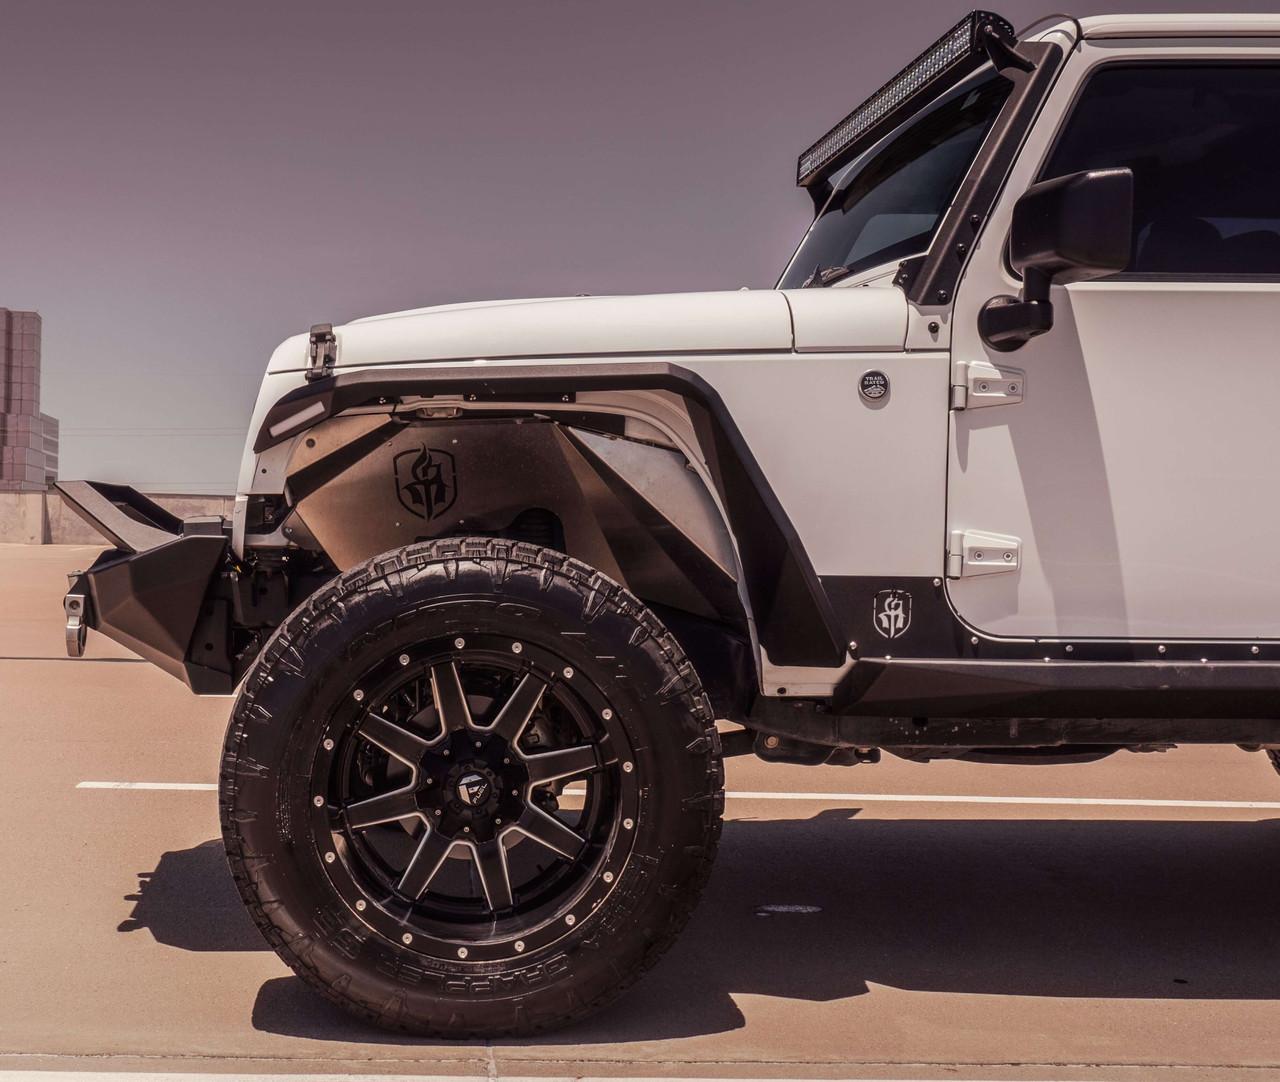 Road Armor Stealth Front Fender Flare W/ Switchback LED DRL For 07-18 Jeep Wrangler JK - 507AFF0B